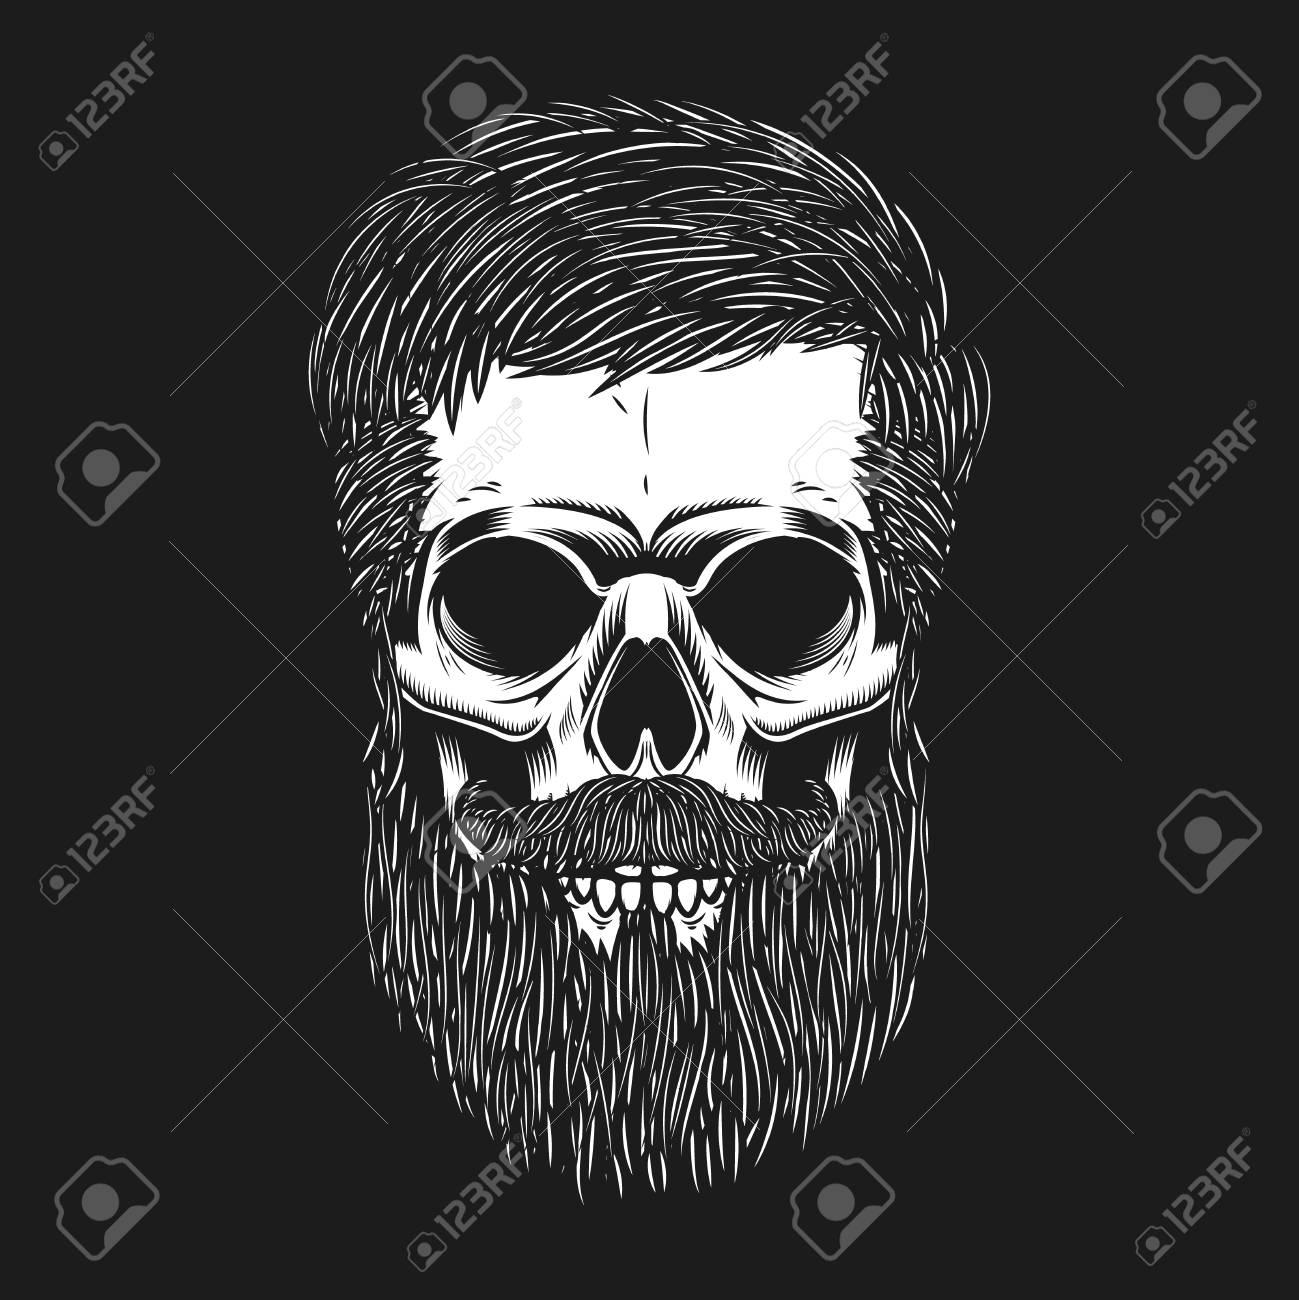 Bearded skull on dark background. Design element for poster, emblem, t shirt. Vector illustration - 90099957